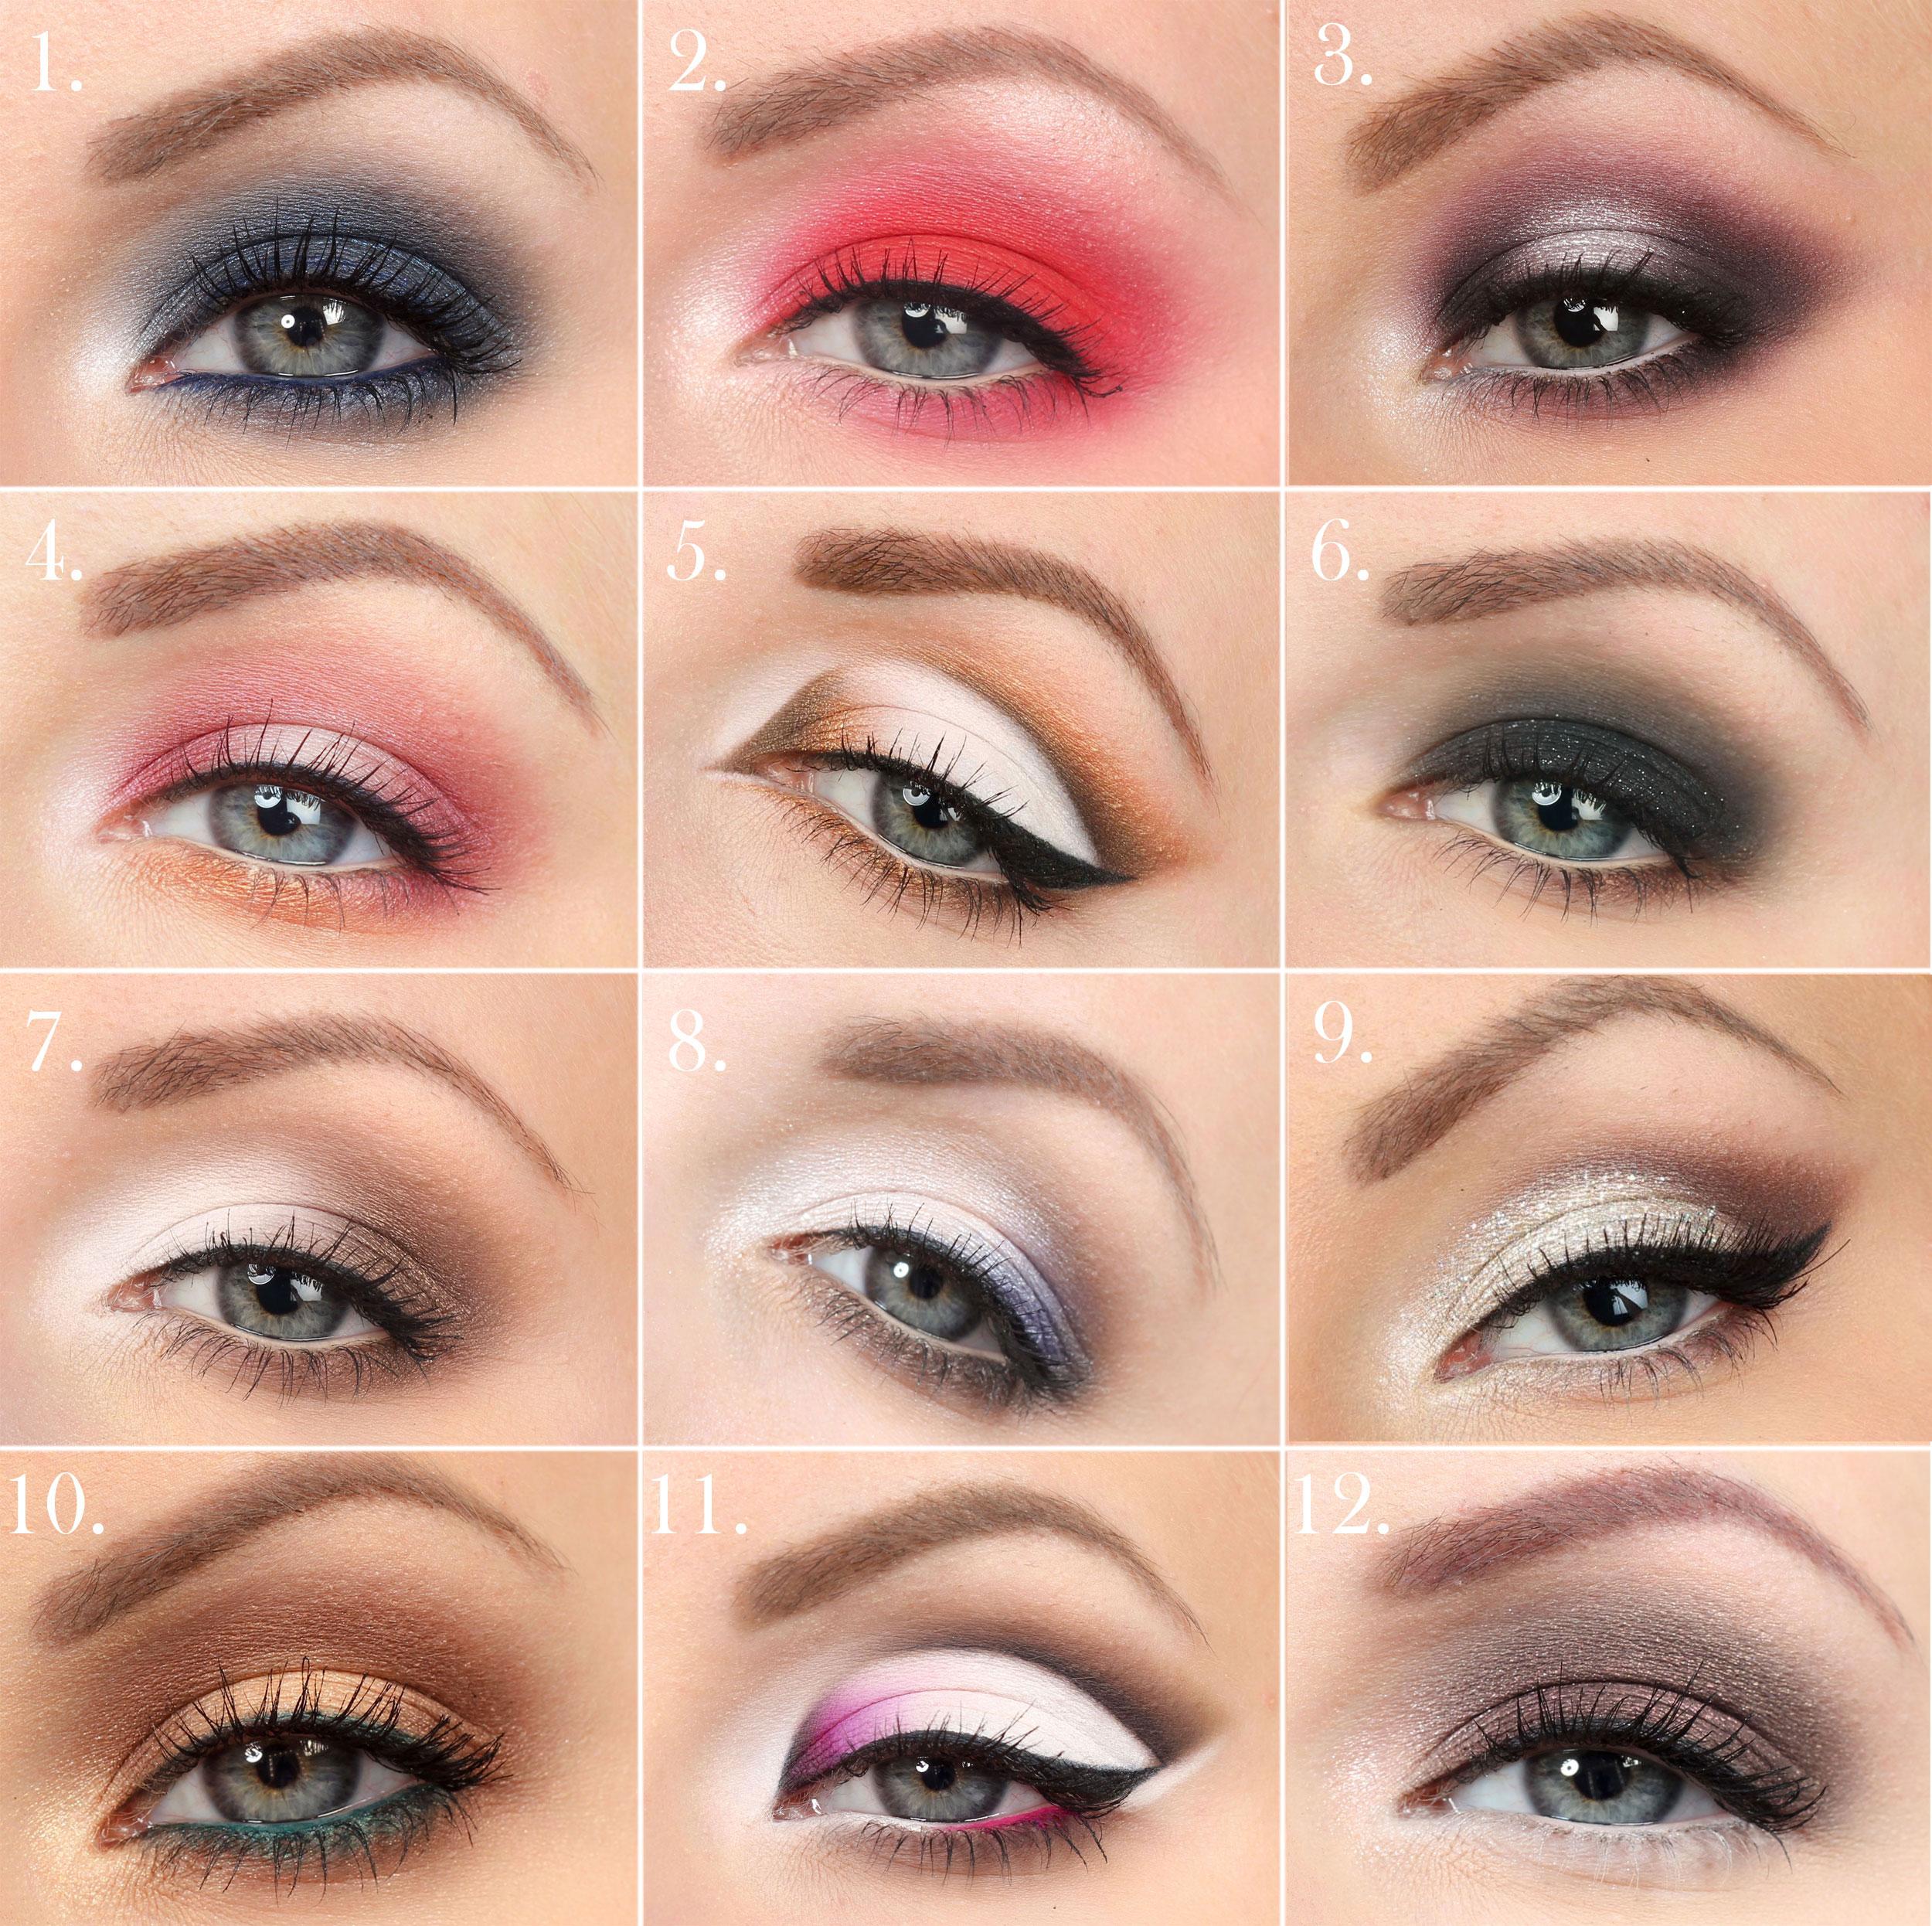 makeup tutorials beauty influencer